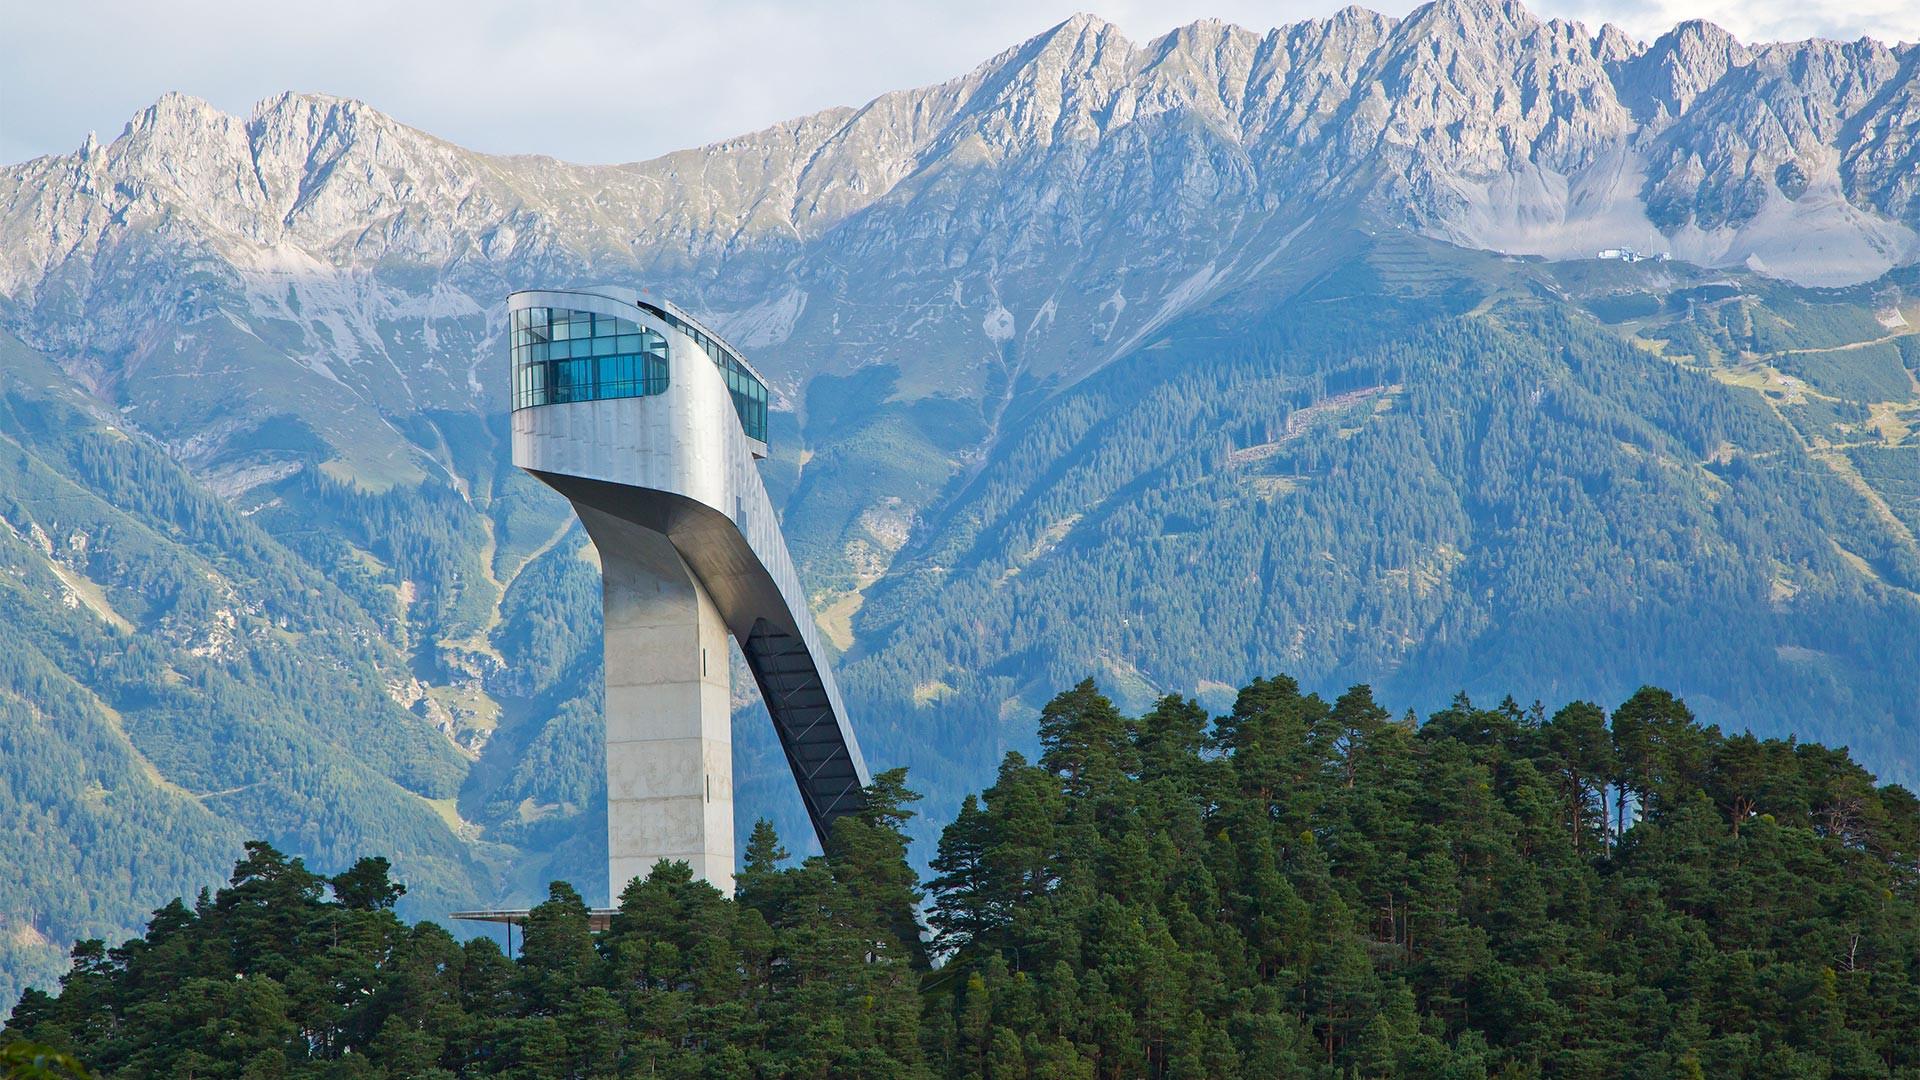 The Bergisel Ski Jump